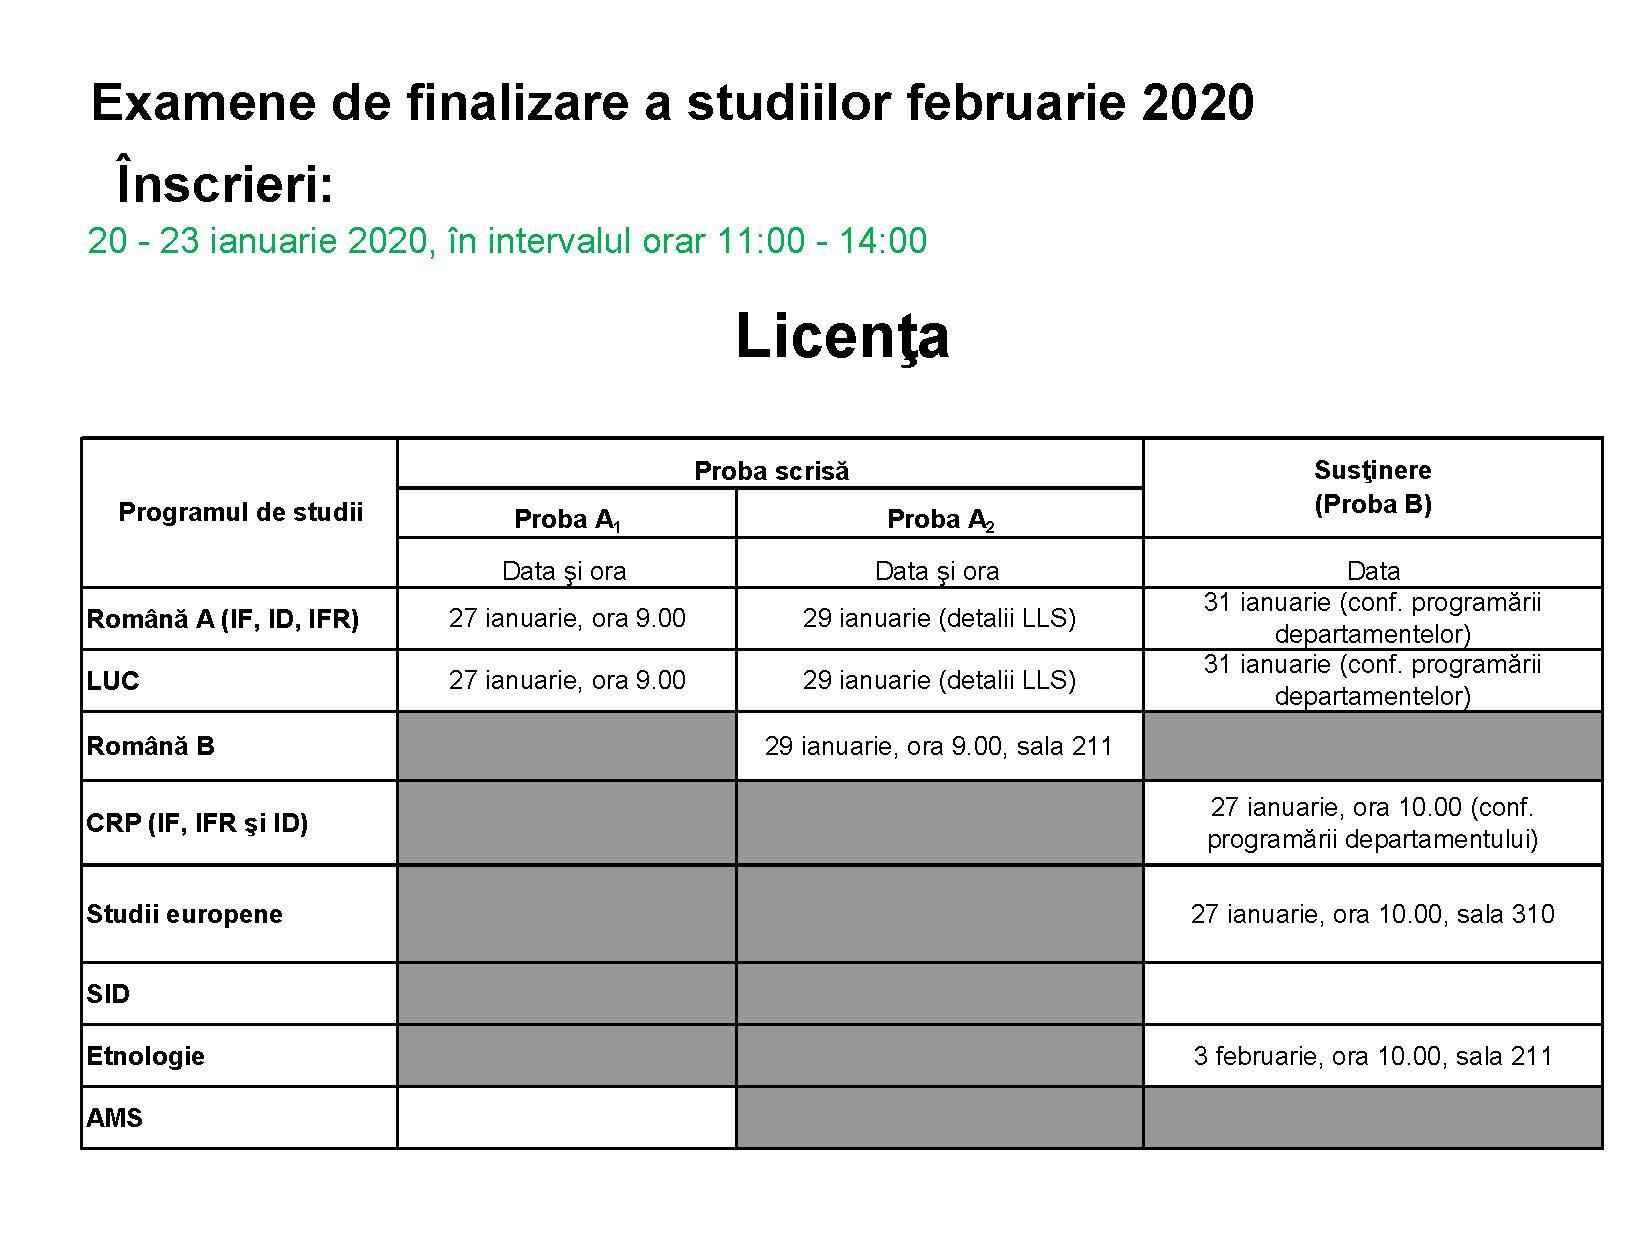 Programari examene de licenta si disertatie februarie 2020